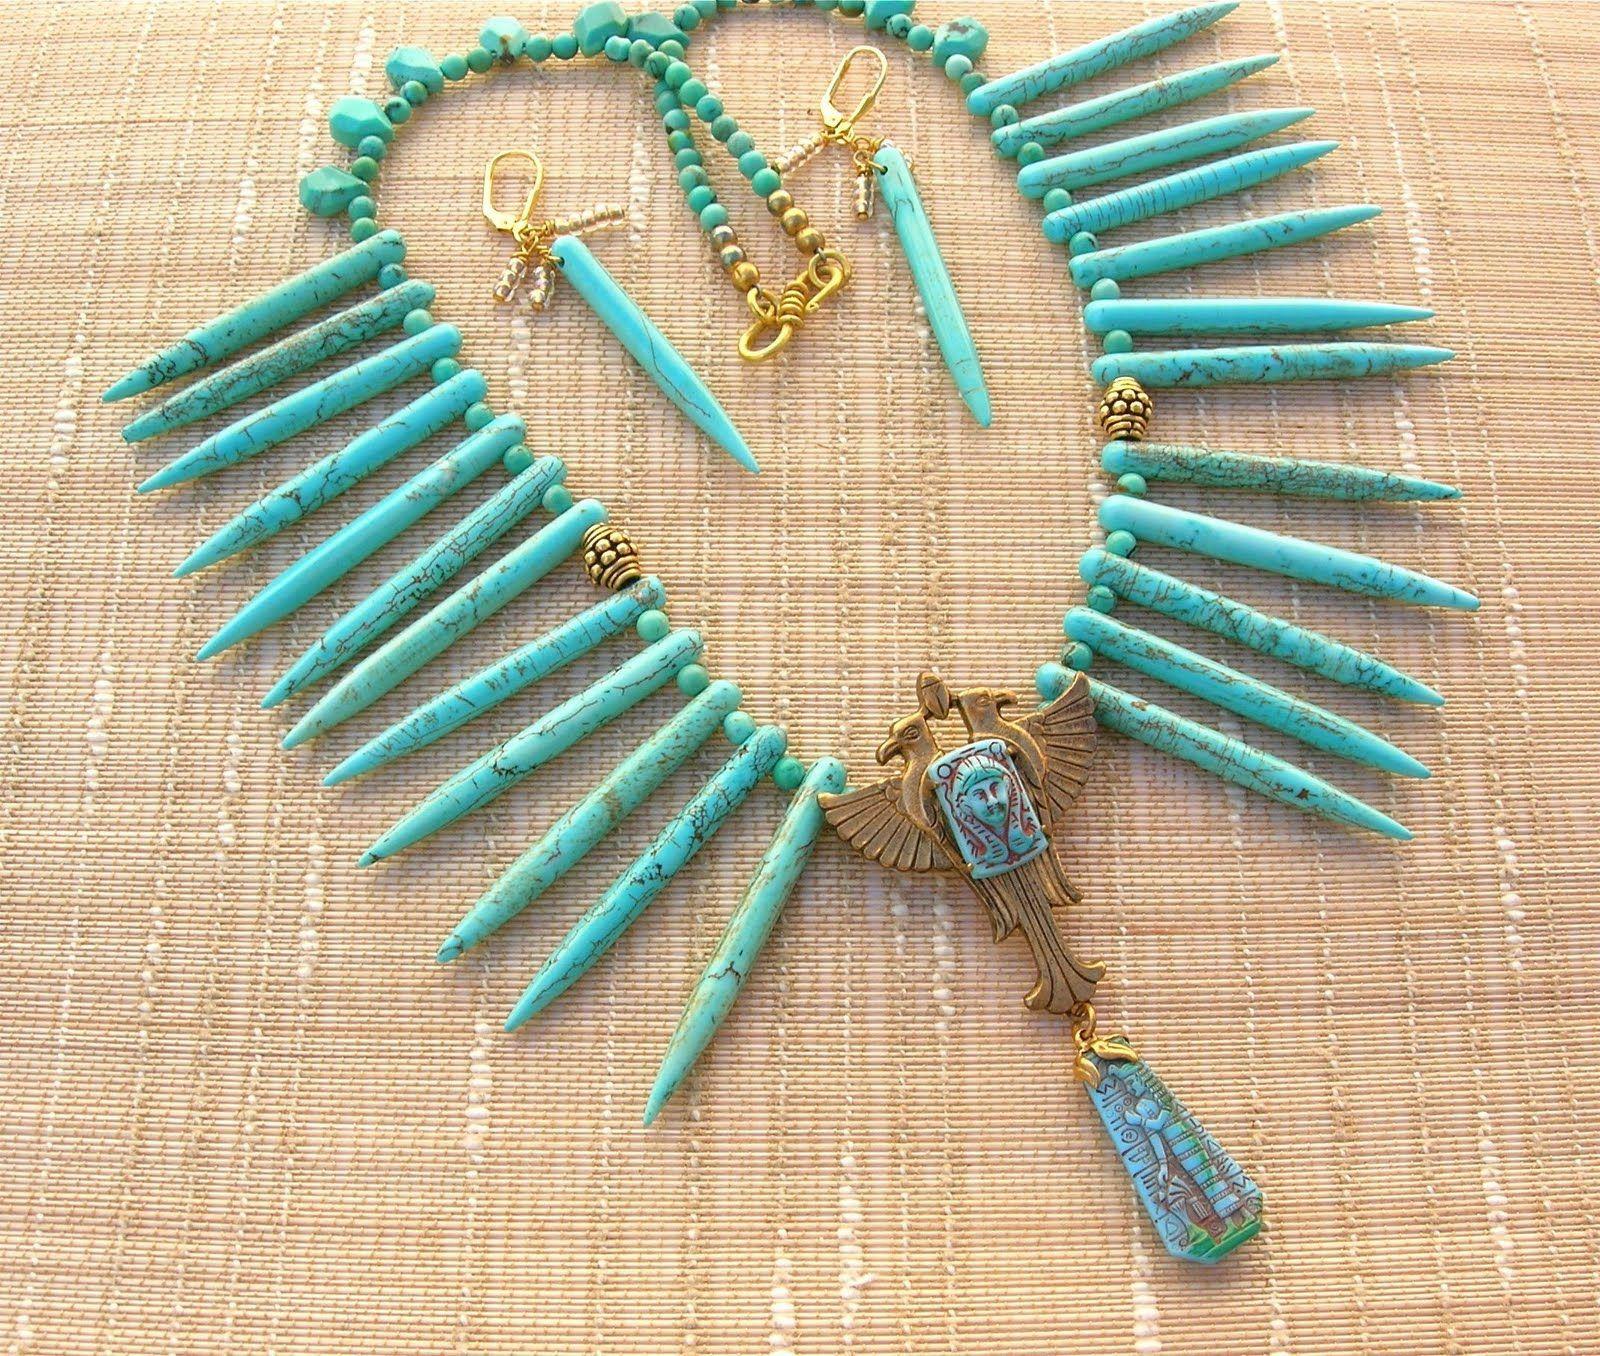 Bijuterias inspiradas na moda egípcia e um pouco de cultura: O Egito é conhecido pela sua antiga civilização e por alguns monumentos muito famosos.